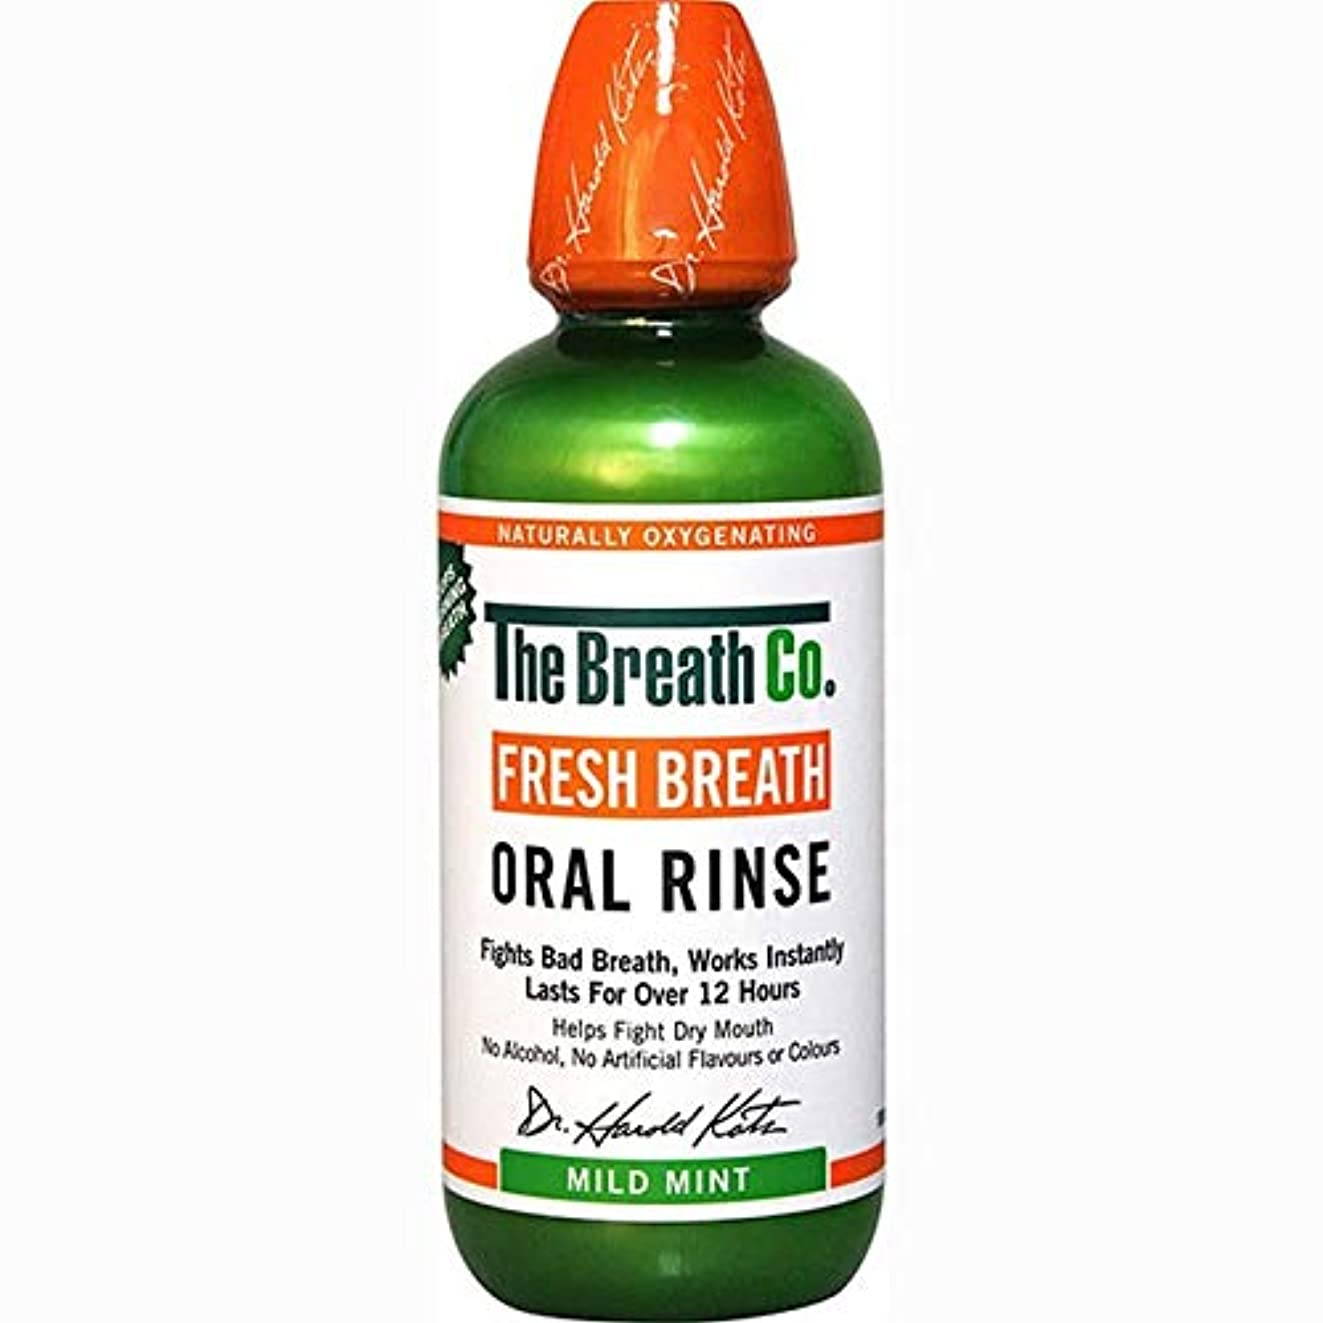 アレルギー性シャトル平野[The Breath Co] 息のCo新鮮な息口腔リンスマイルドミント500ミリリットル - The Breath Co Fresh Breath Oral Rinse Mild Mint 500ml [並行輸入品]